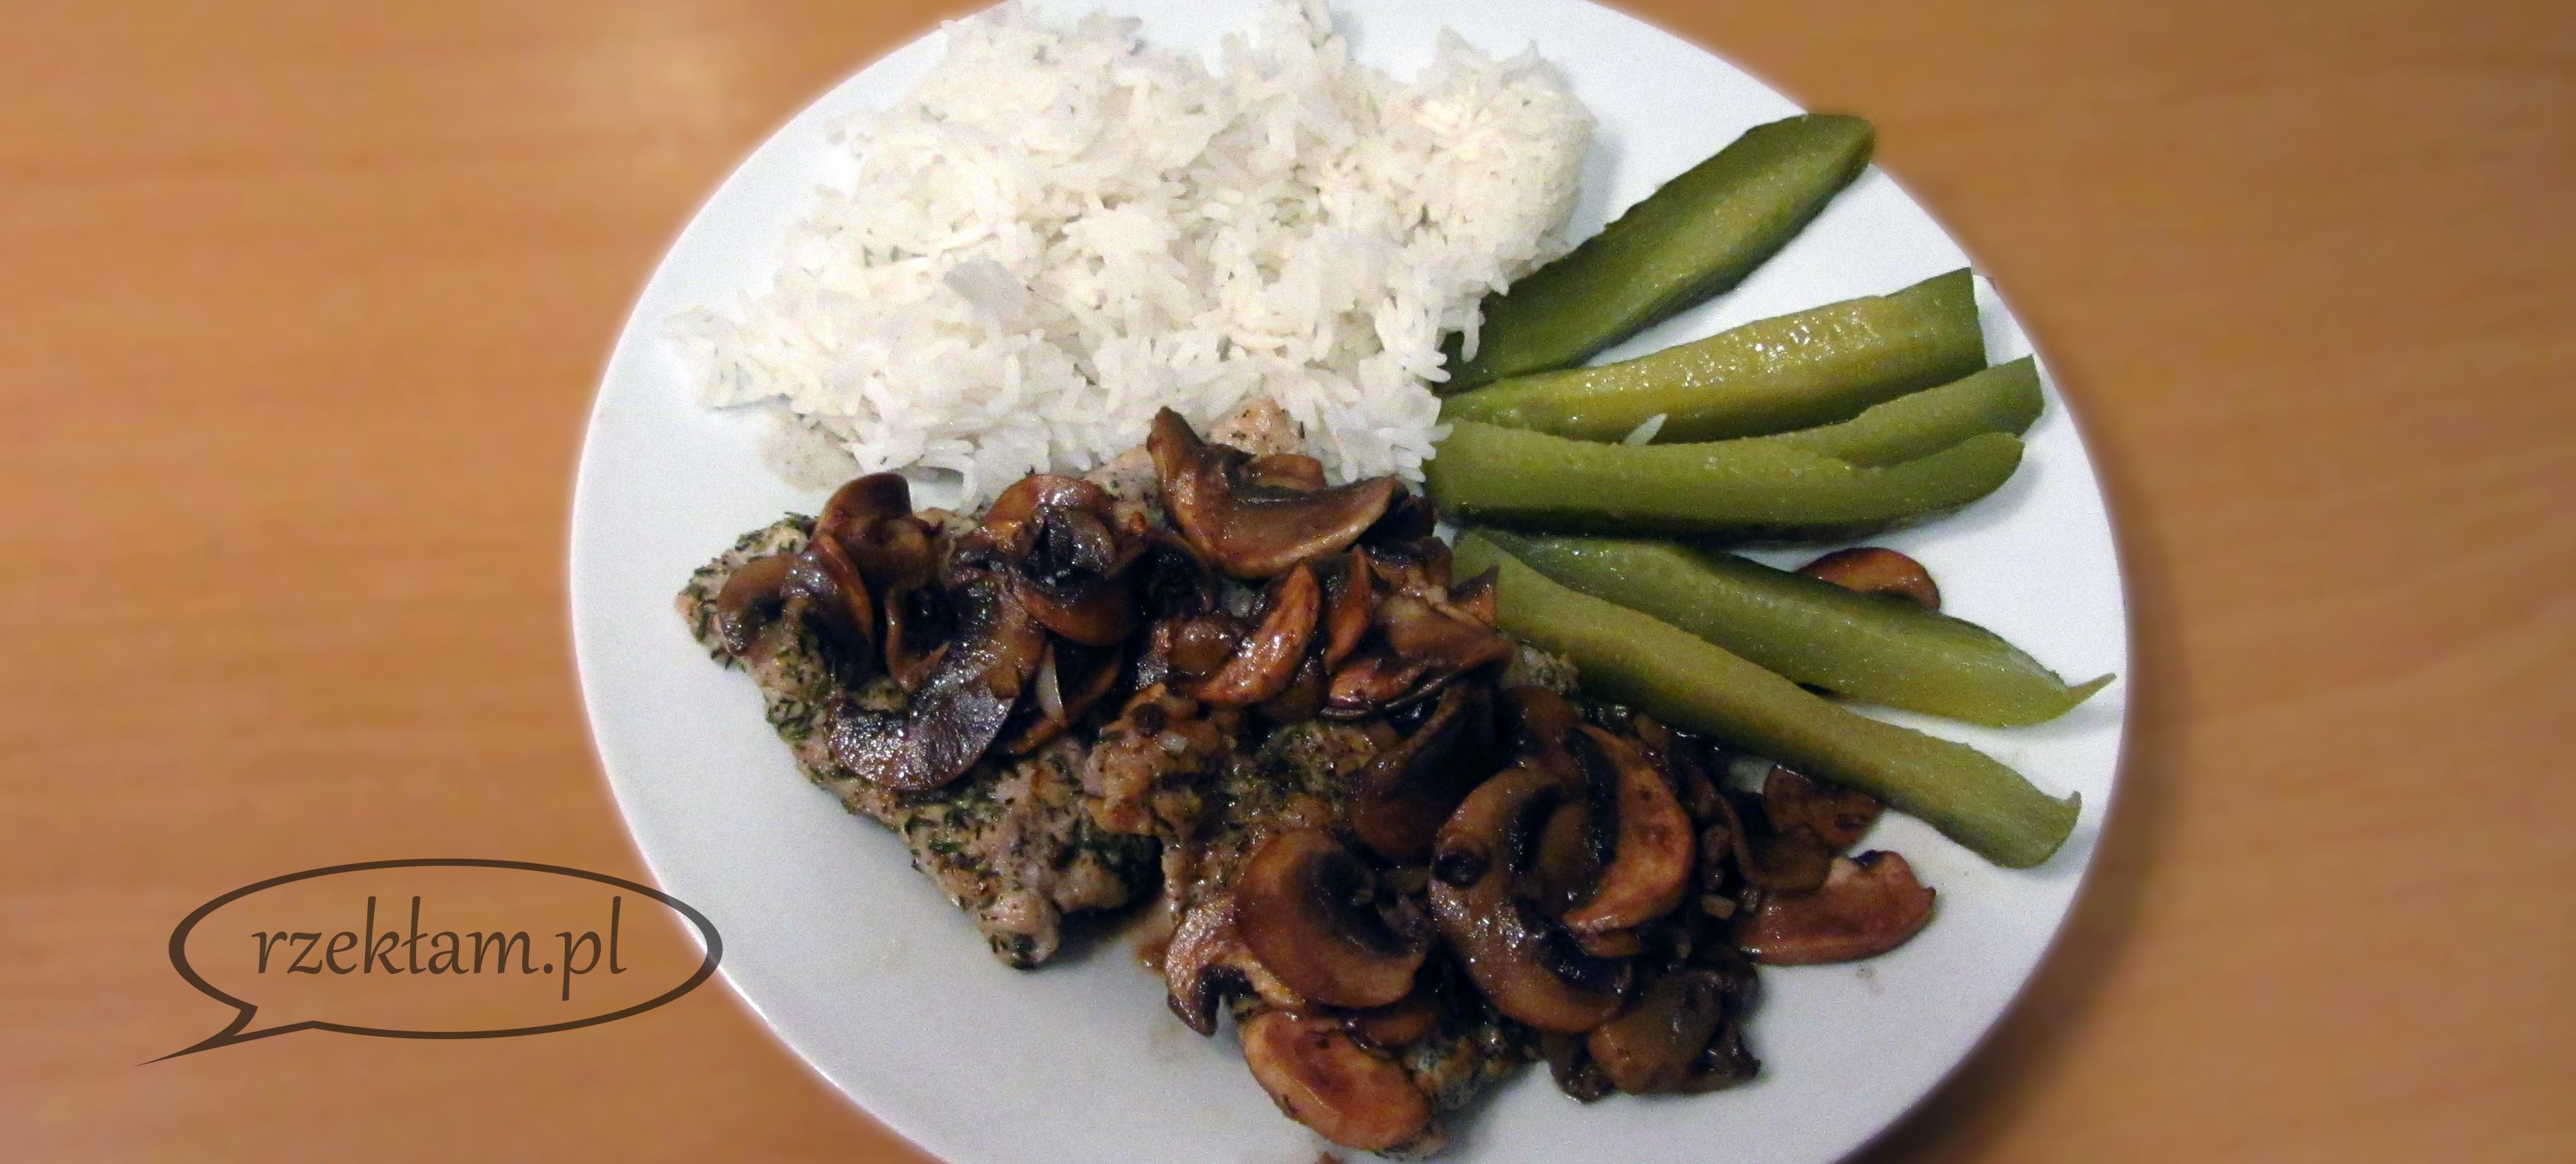 Alternatywa dla schabowego: kotlety wieprzowe z pieczarkami